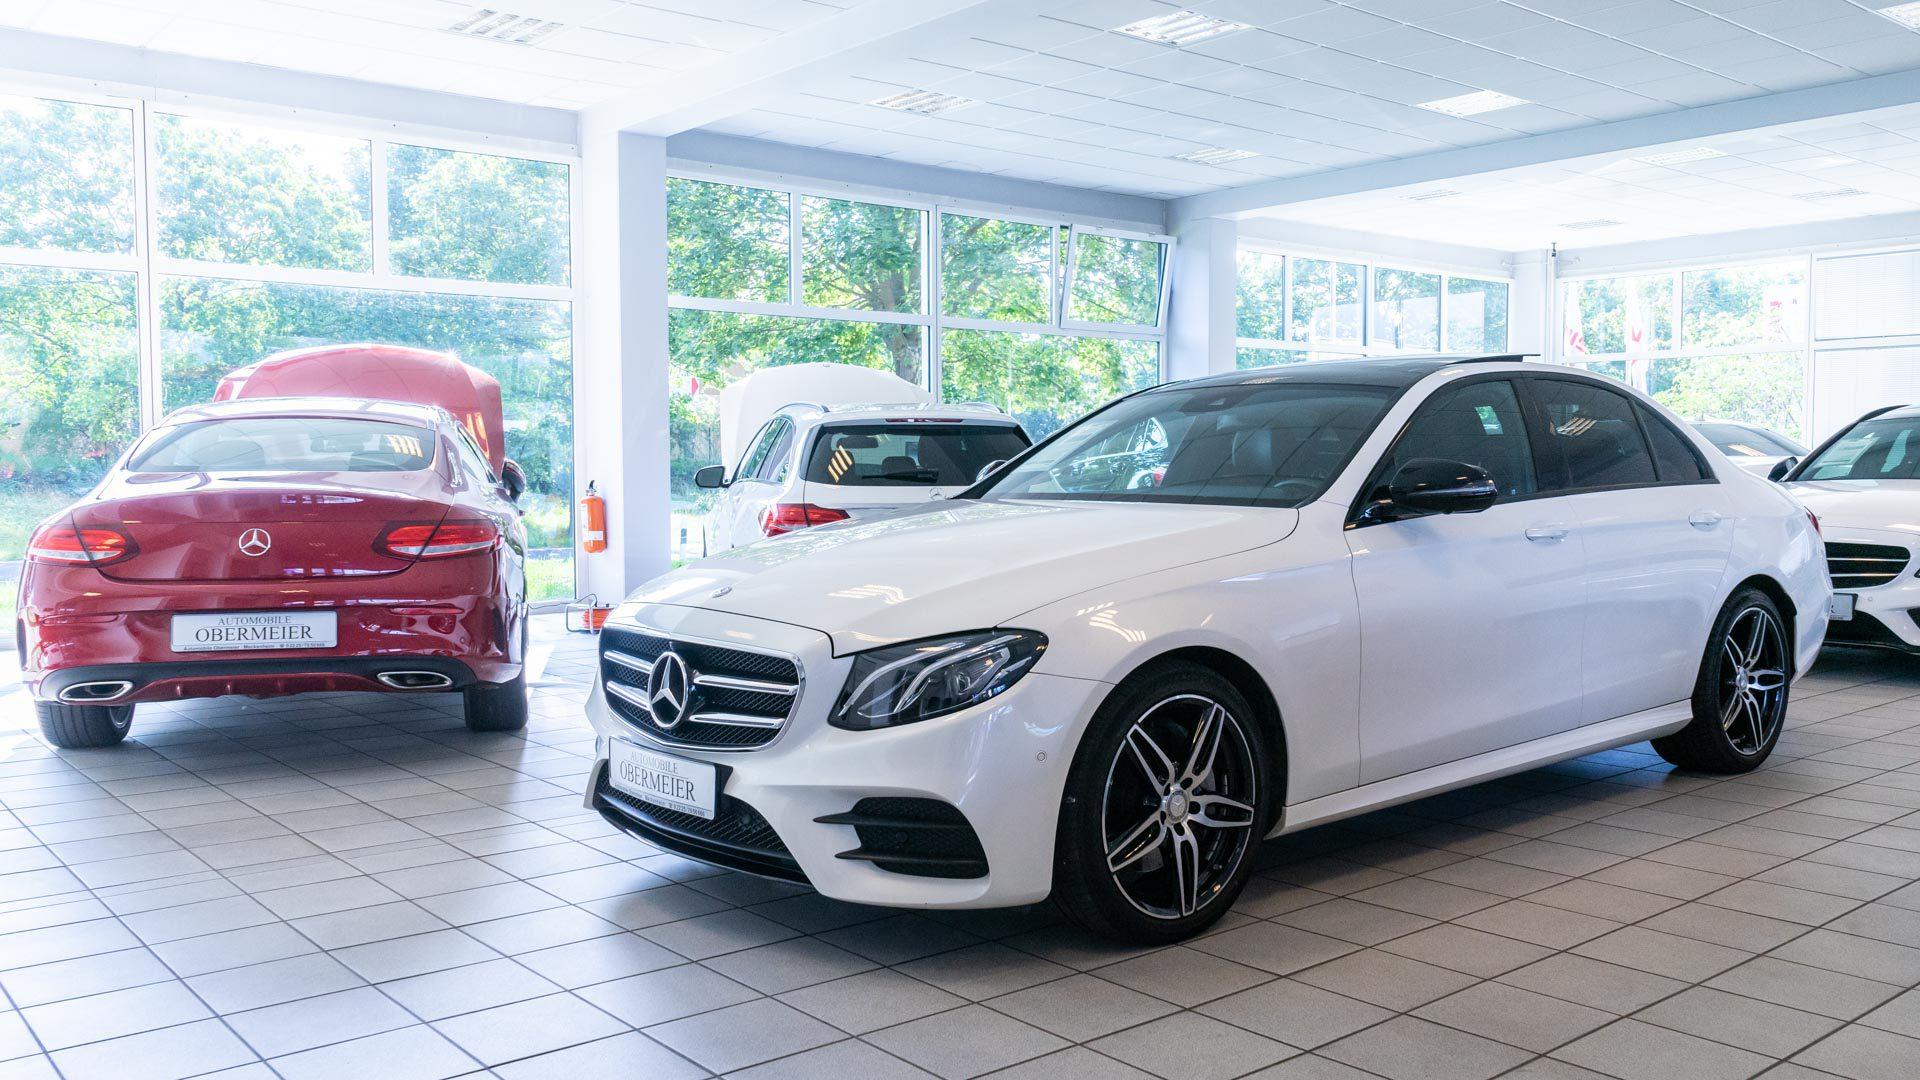 Rotes und weißes Fahrzeug von Mercedes Benz in Ausstellungshalle